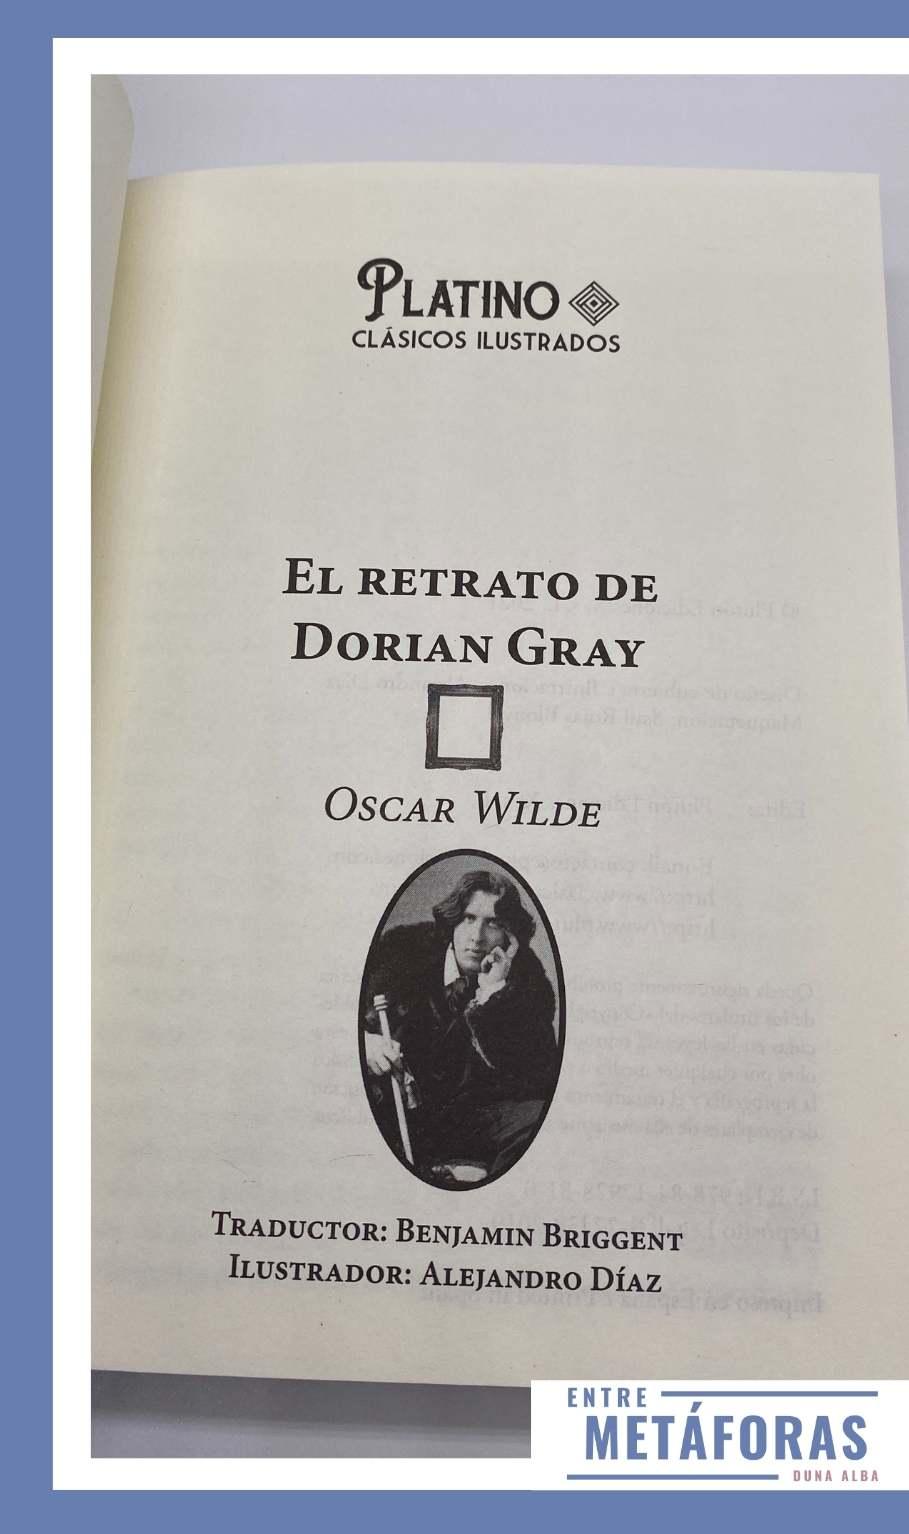 El Retrato de Dorian Gray, de Oscar Wilde